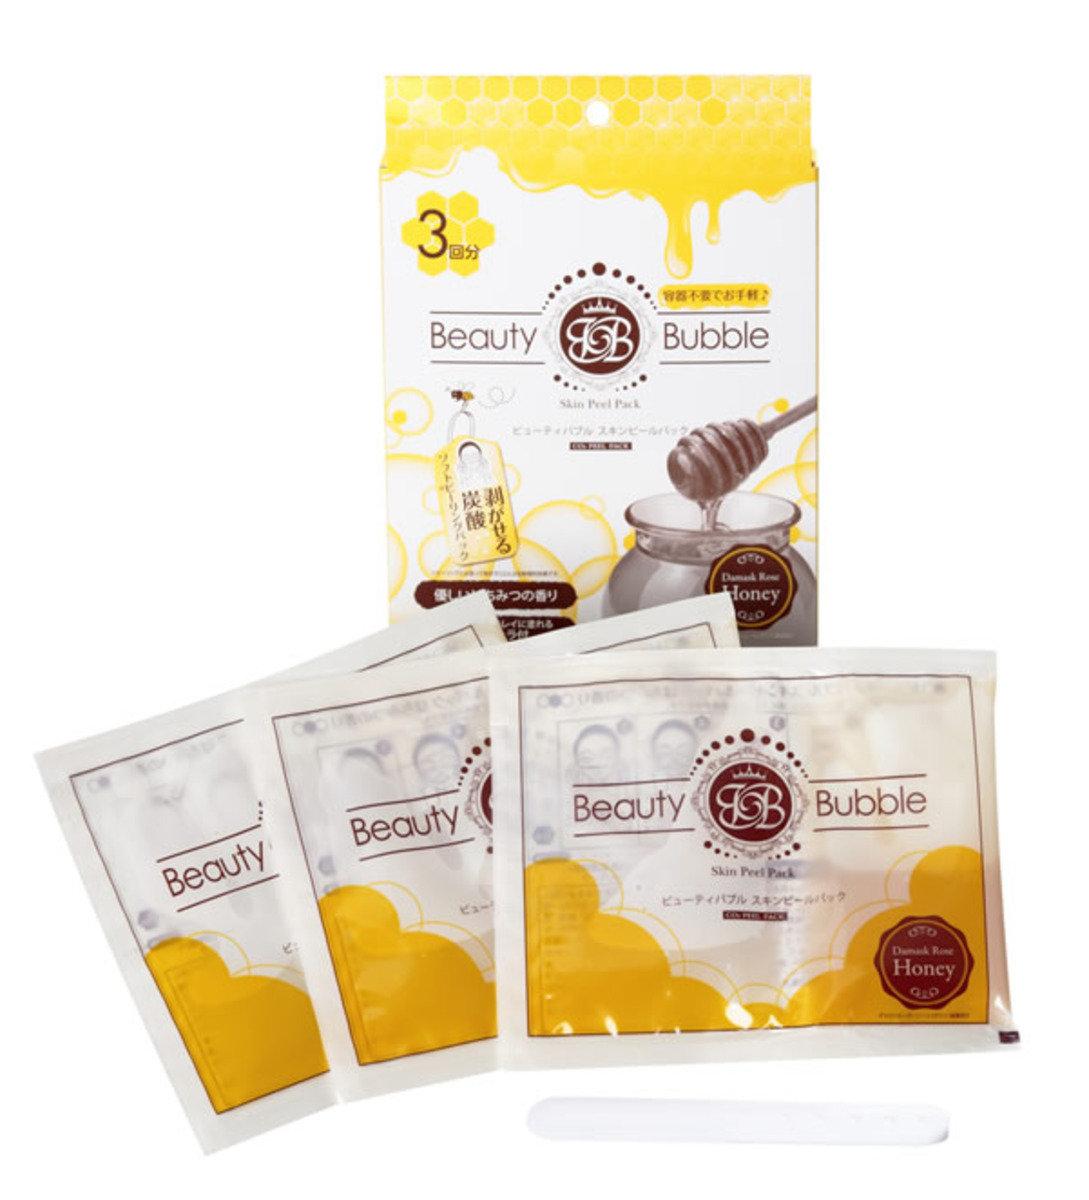 高保濕蜂蜜炭酸面膜 (3片入)